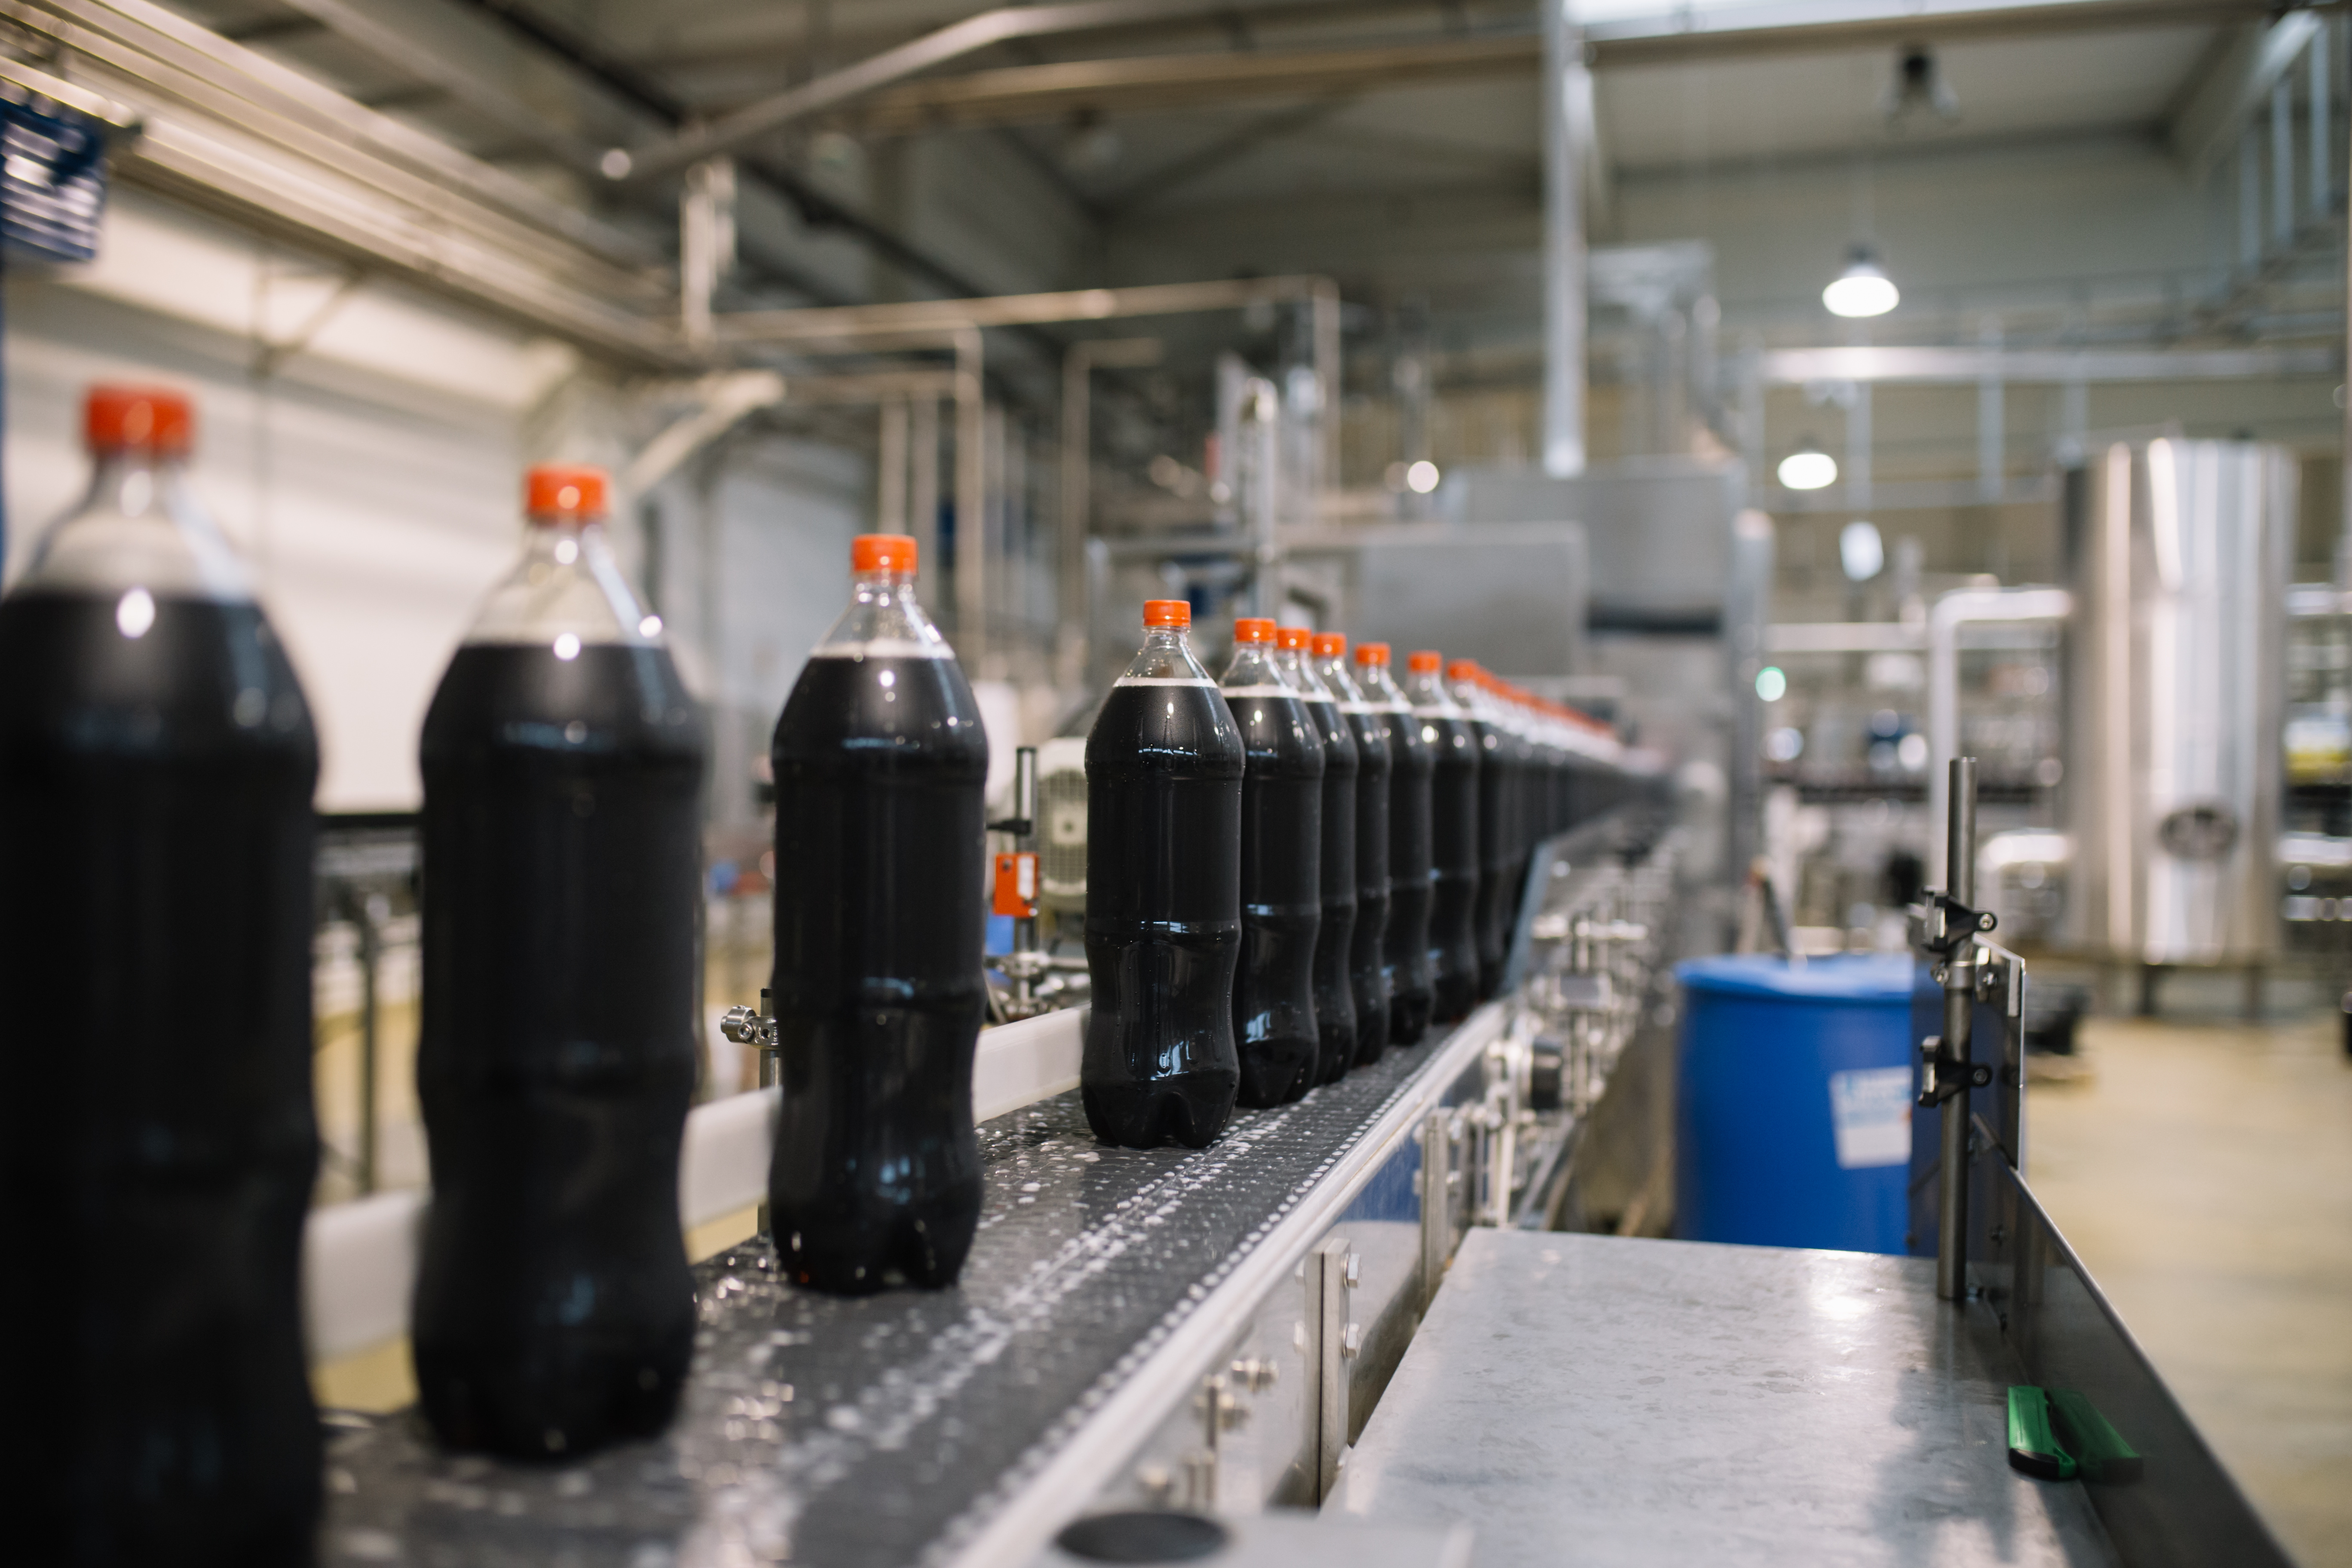 Bottling factory - Coke bottling line for processing and bottling juice into bottles. Selective focus.